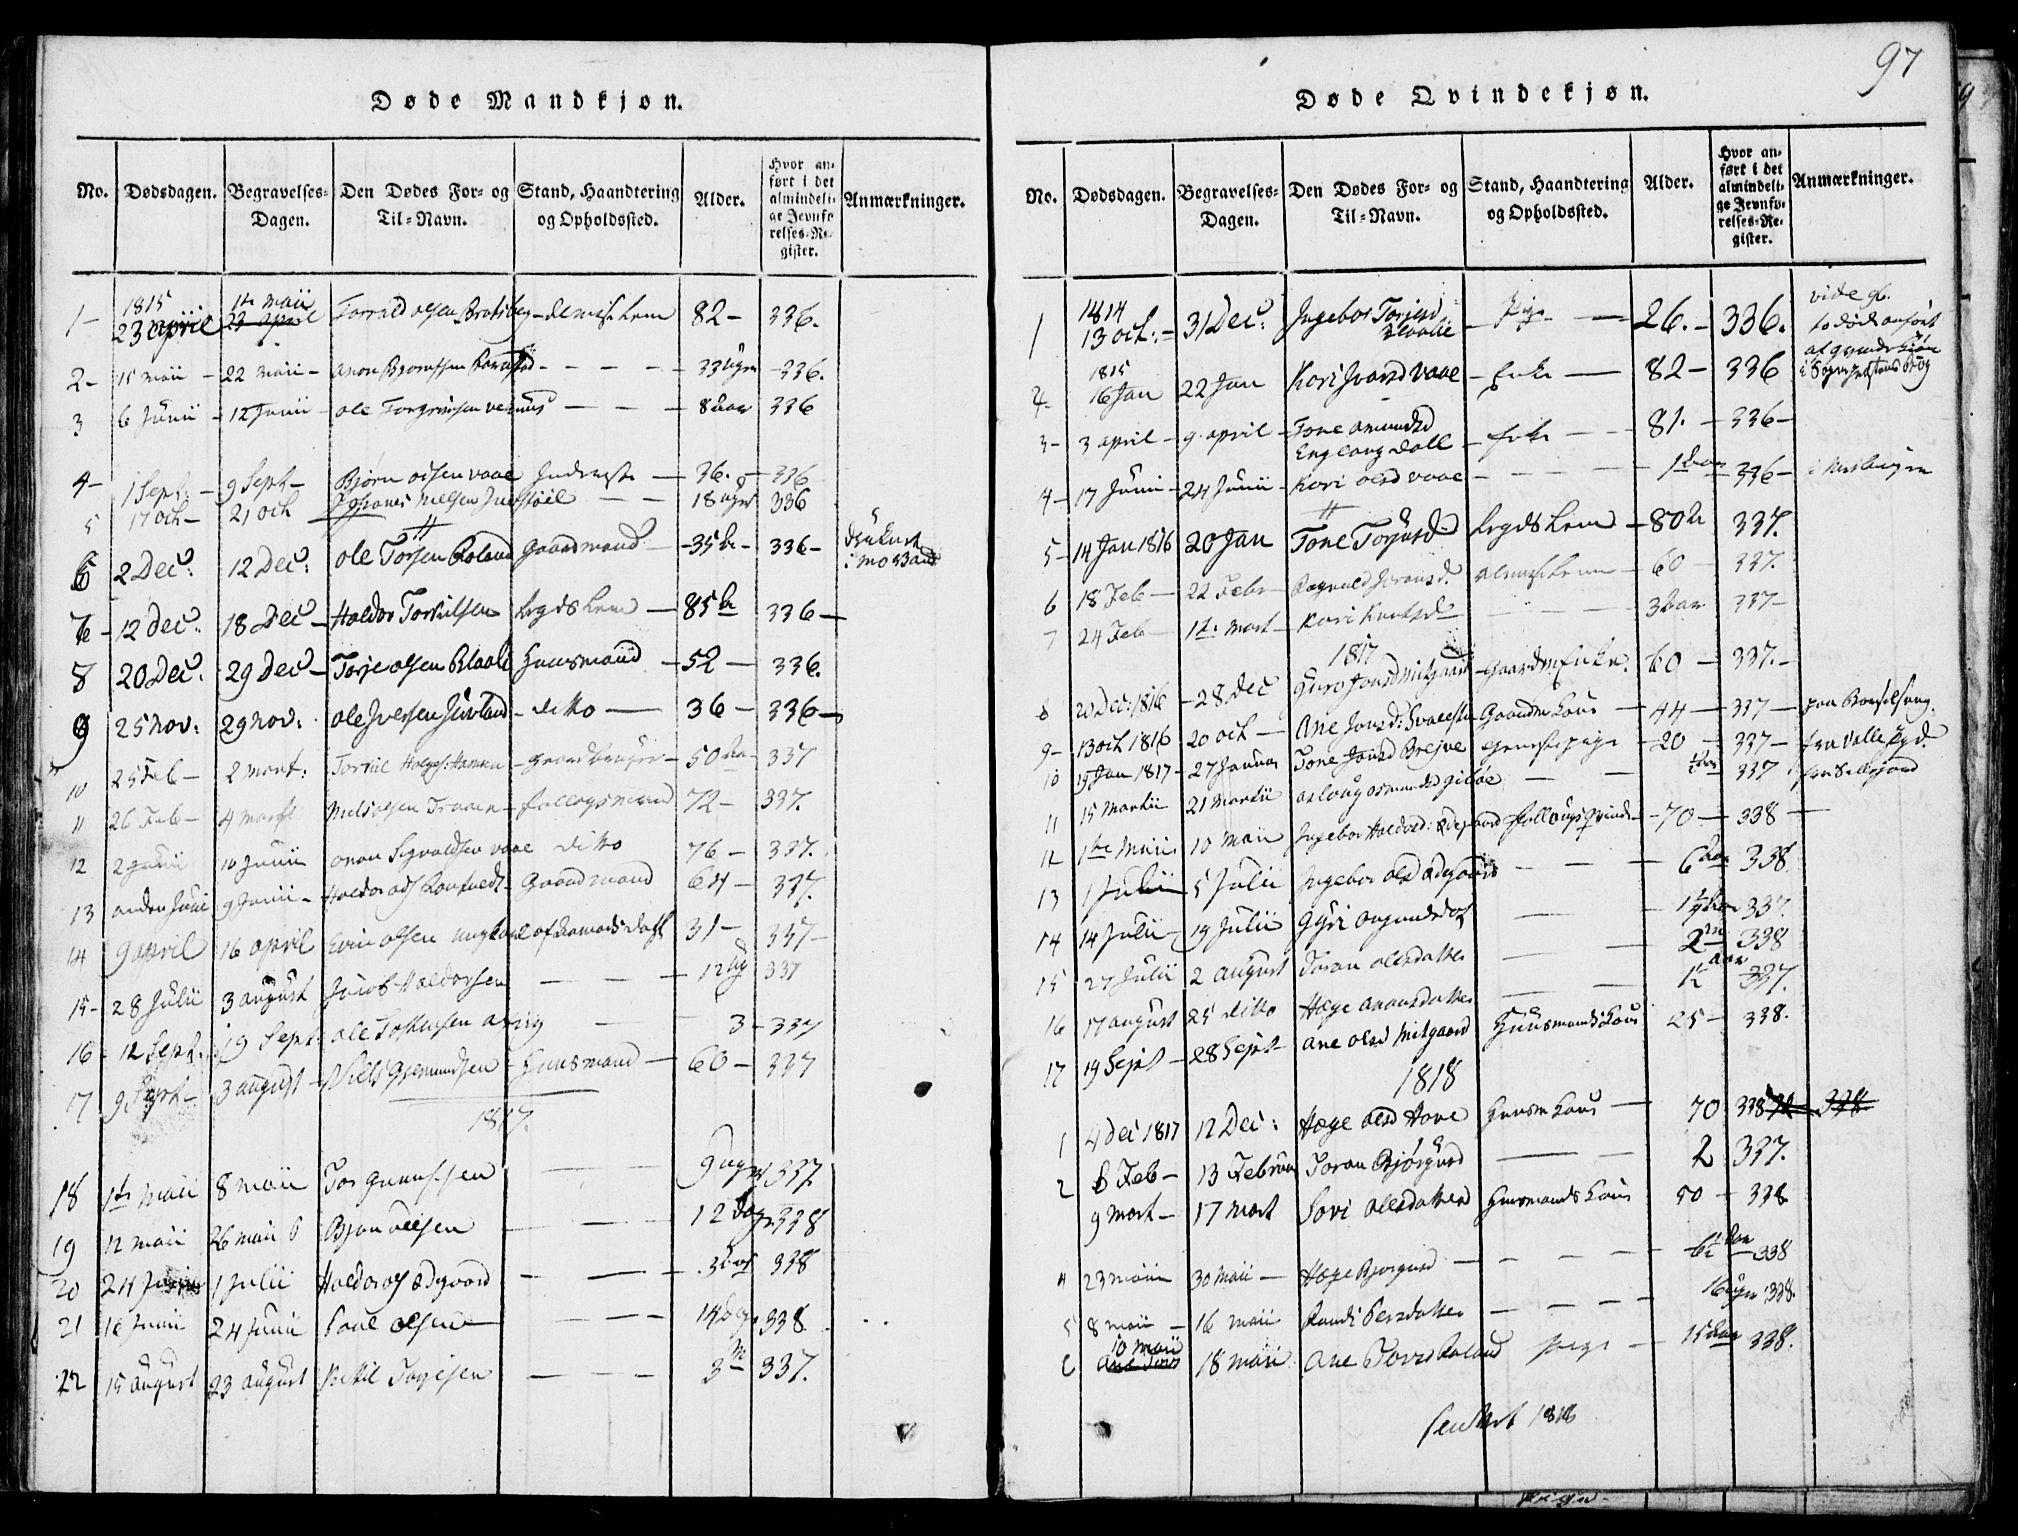 SAKO, Rauland kirkebøker, G/Ga/L0001: Klokkerbok nr. I 1, 1814-1843, s. 97